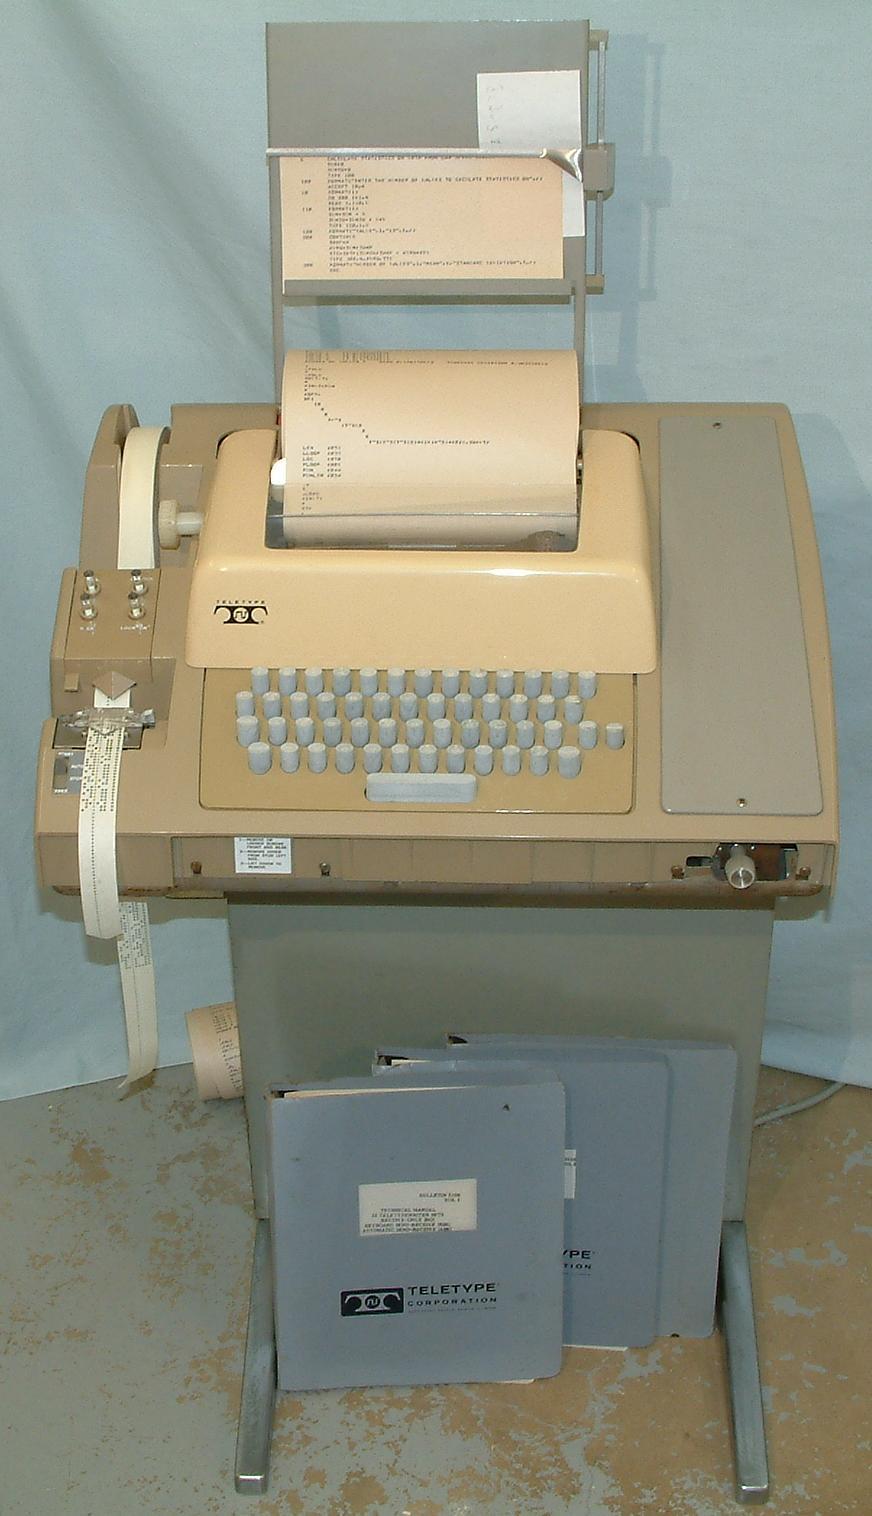 ASR-33 Teletype.